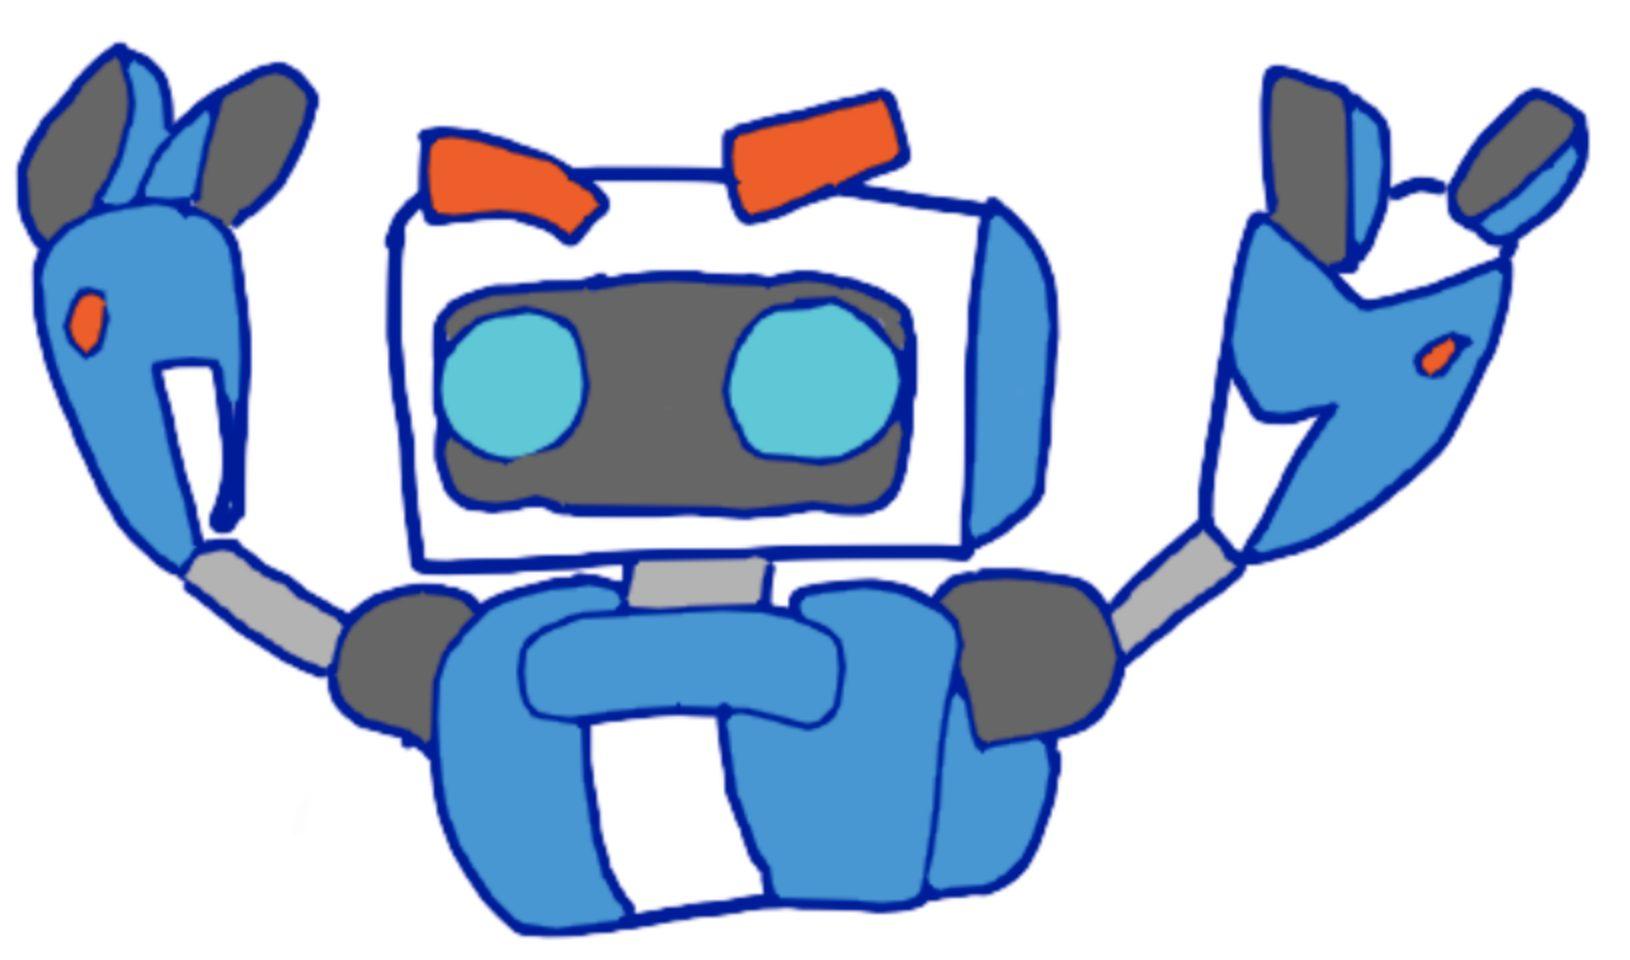 レゴブーストとロボットプログラミング教室の比較【レゴブーストでの在宅学習がおすすめ】